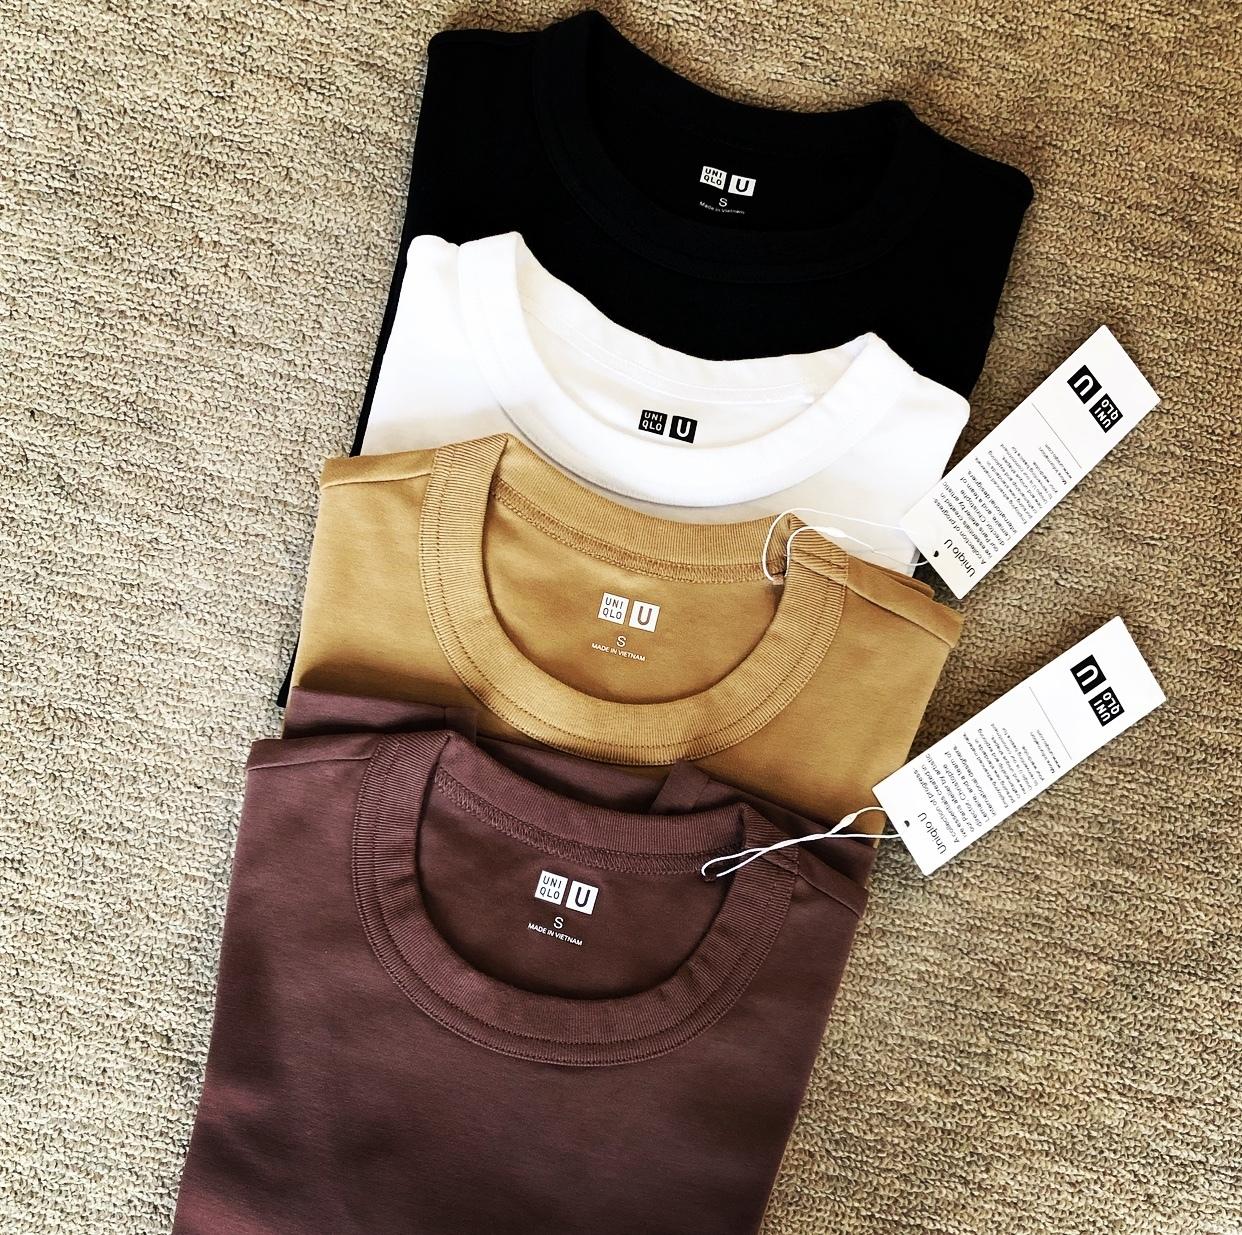 ユニクロTシャツで